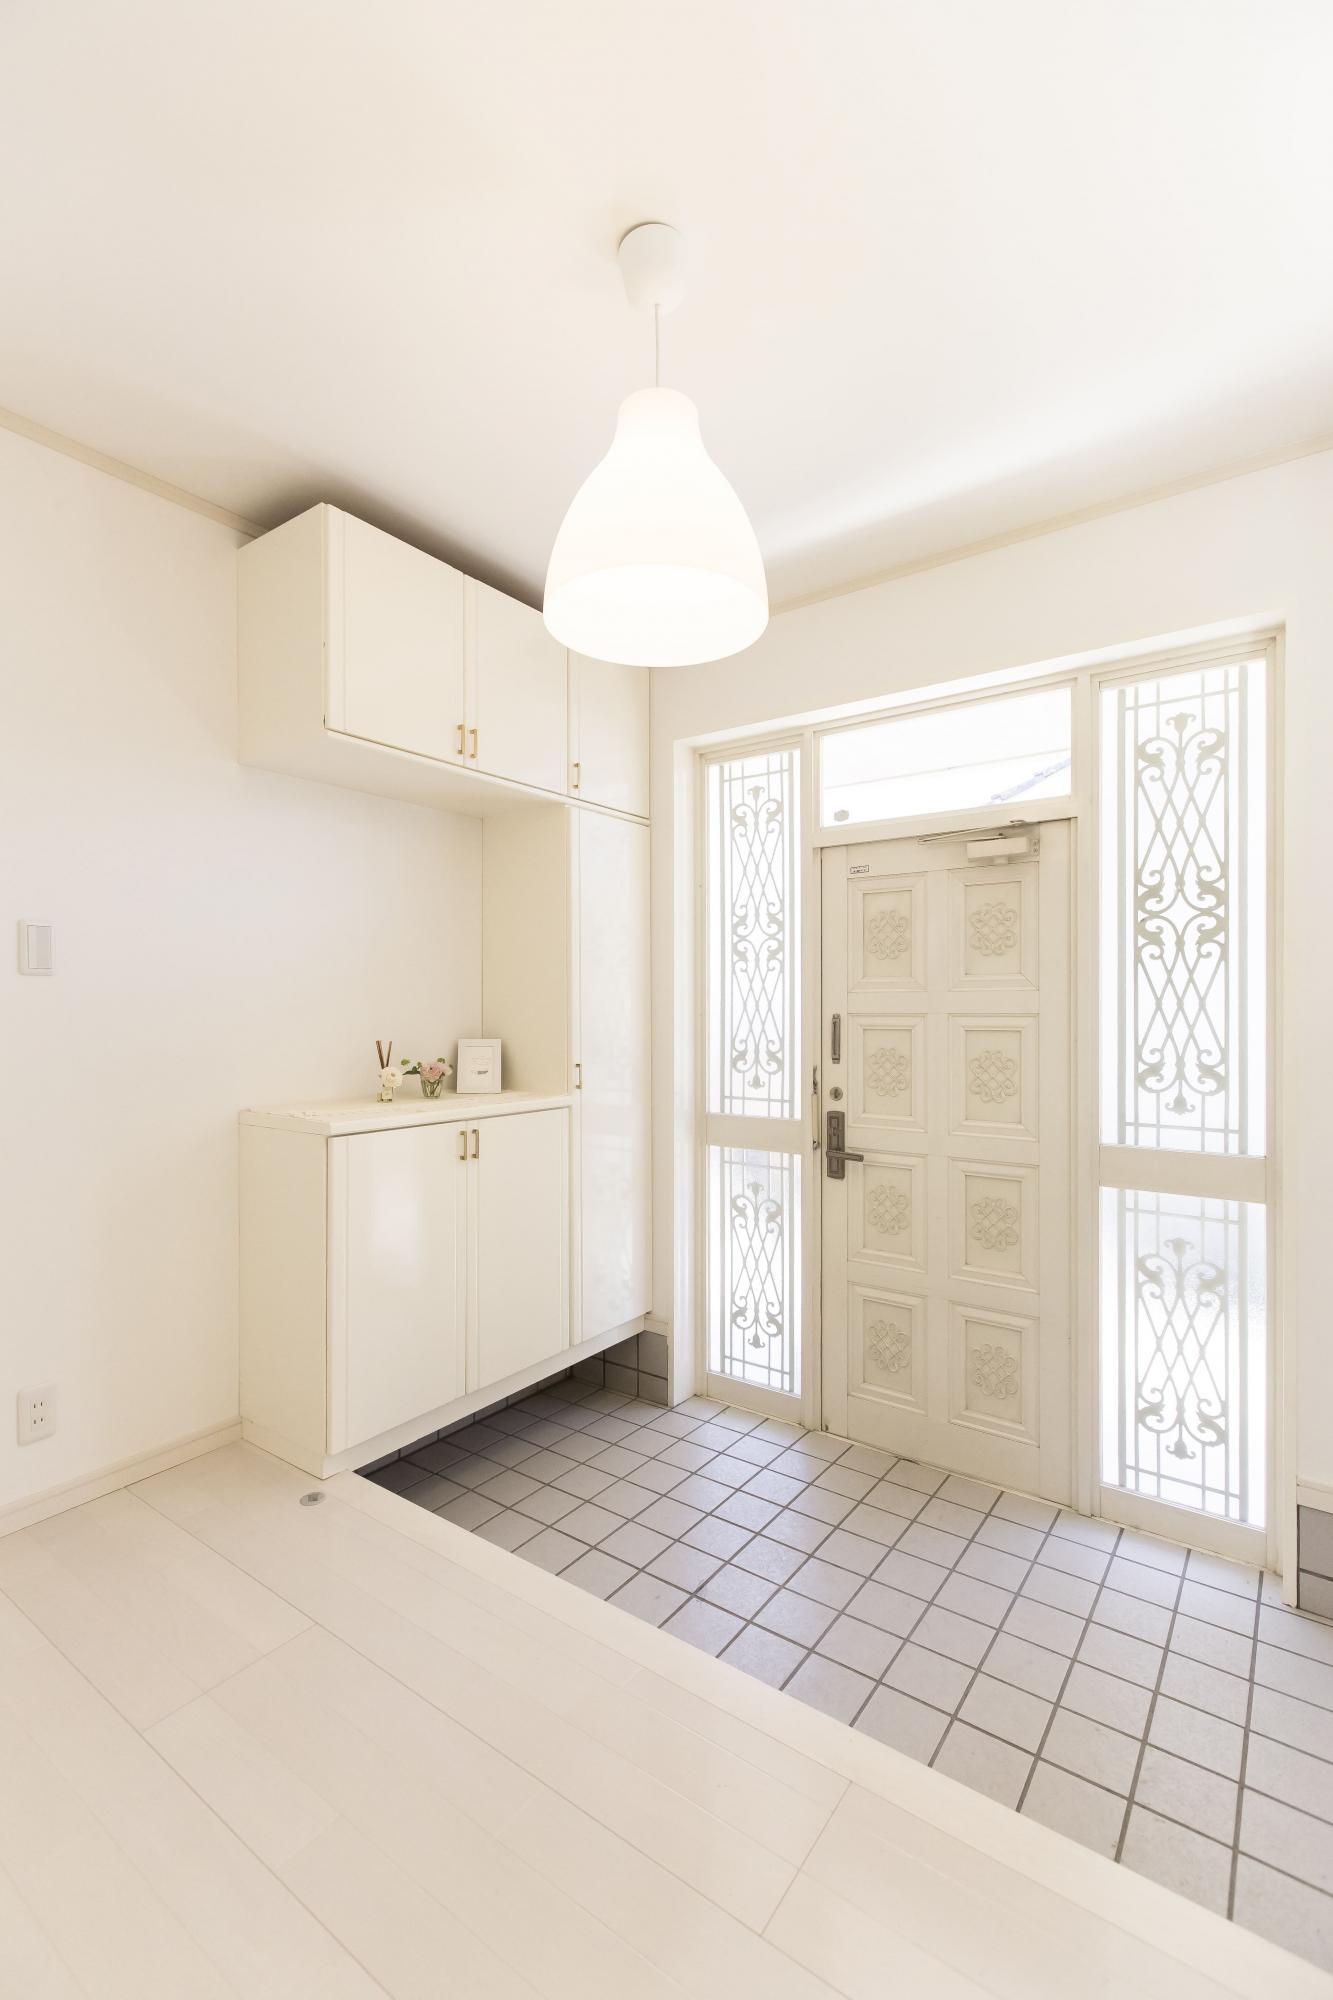 1階玄関もインテリアに合わせ白を基調にリフォーム。アイアンを組み込んだ両袖のガラスが、光を導くとともにエレガントな雰囲気をつくる